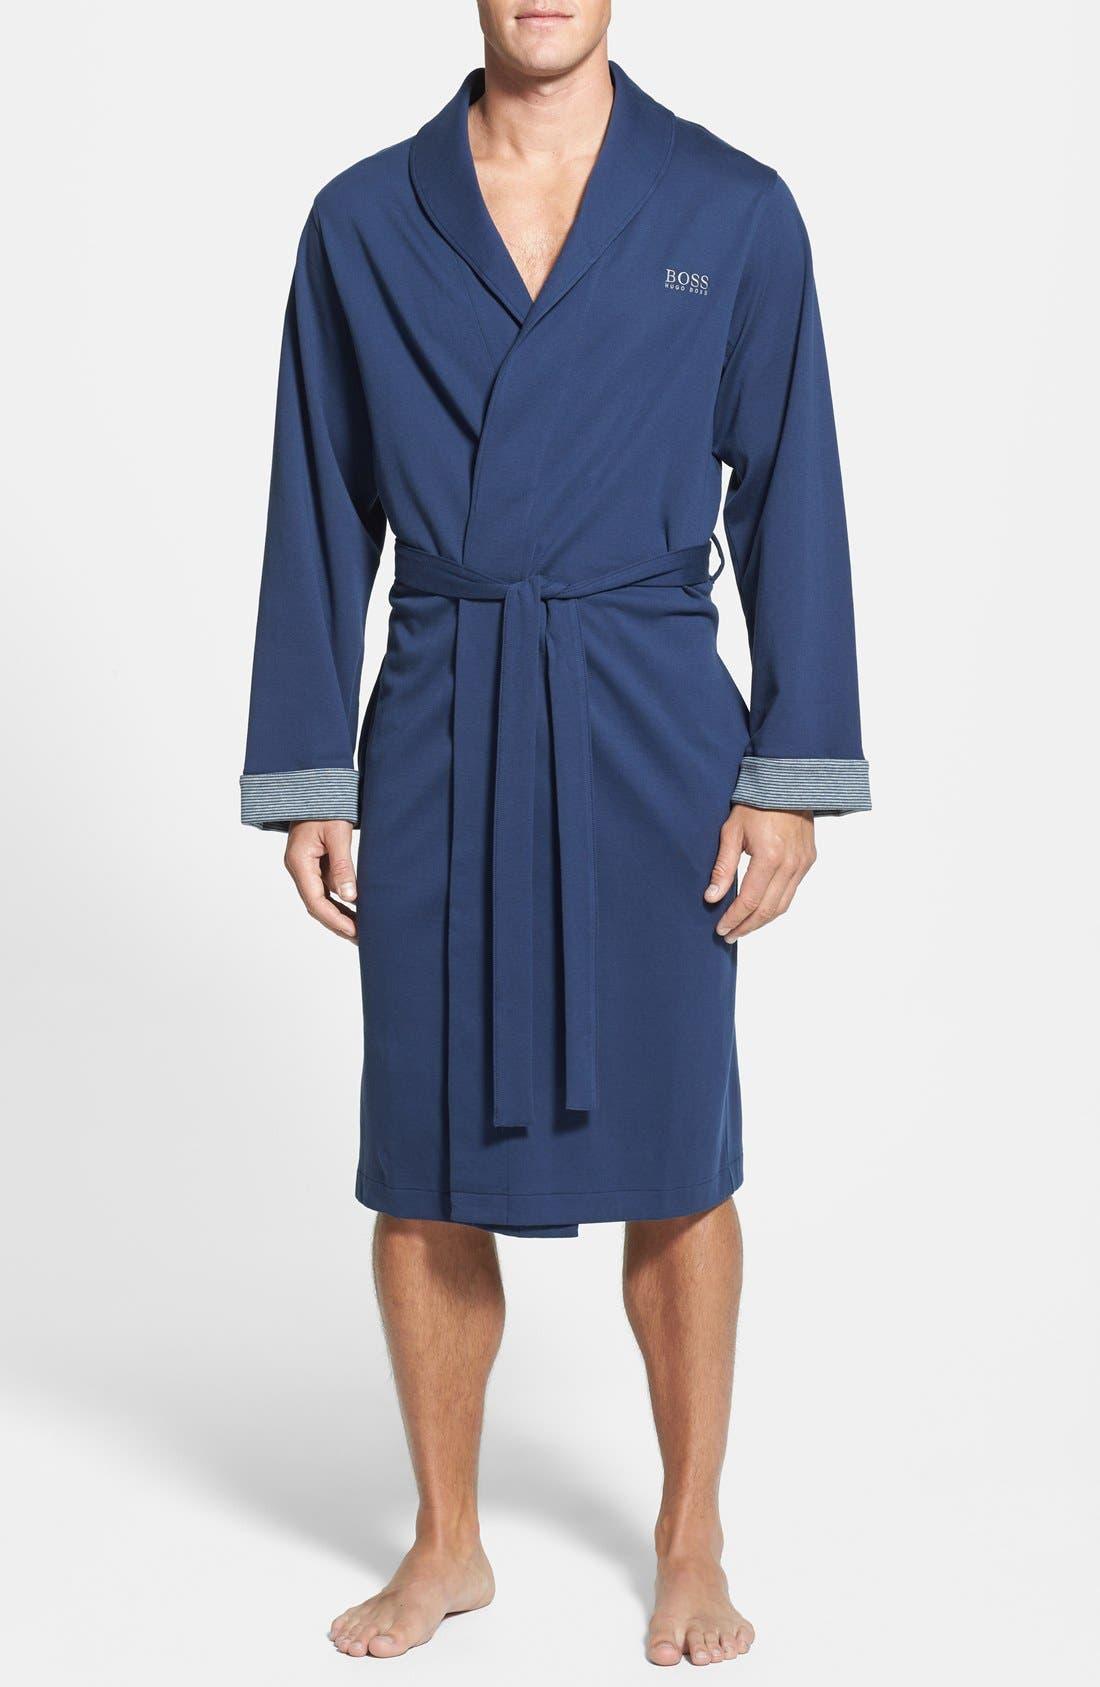 Alternate Image 1 Selected - BOSS HUGO BOSS Cotton Blend Robe